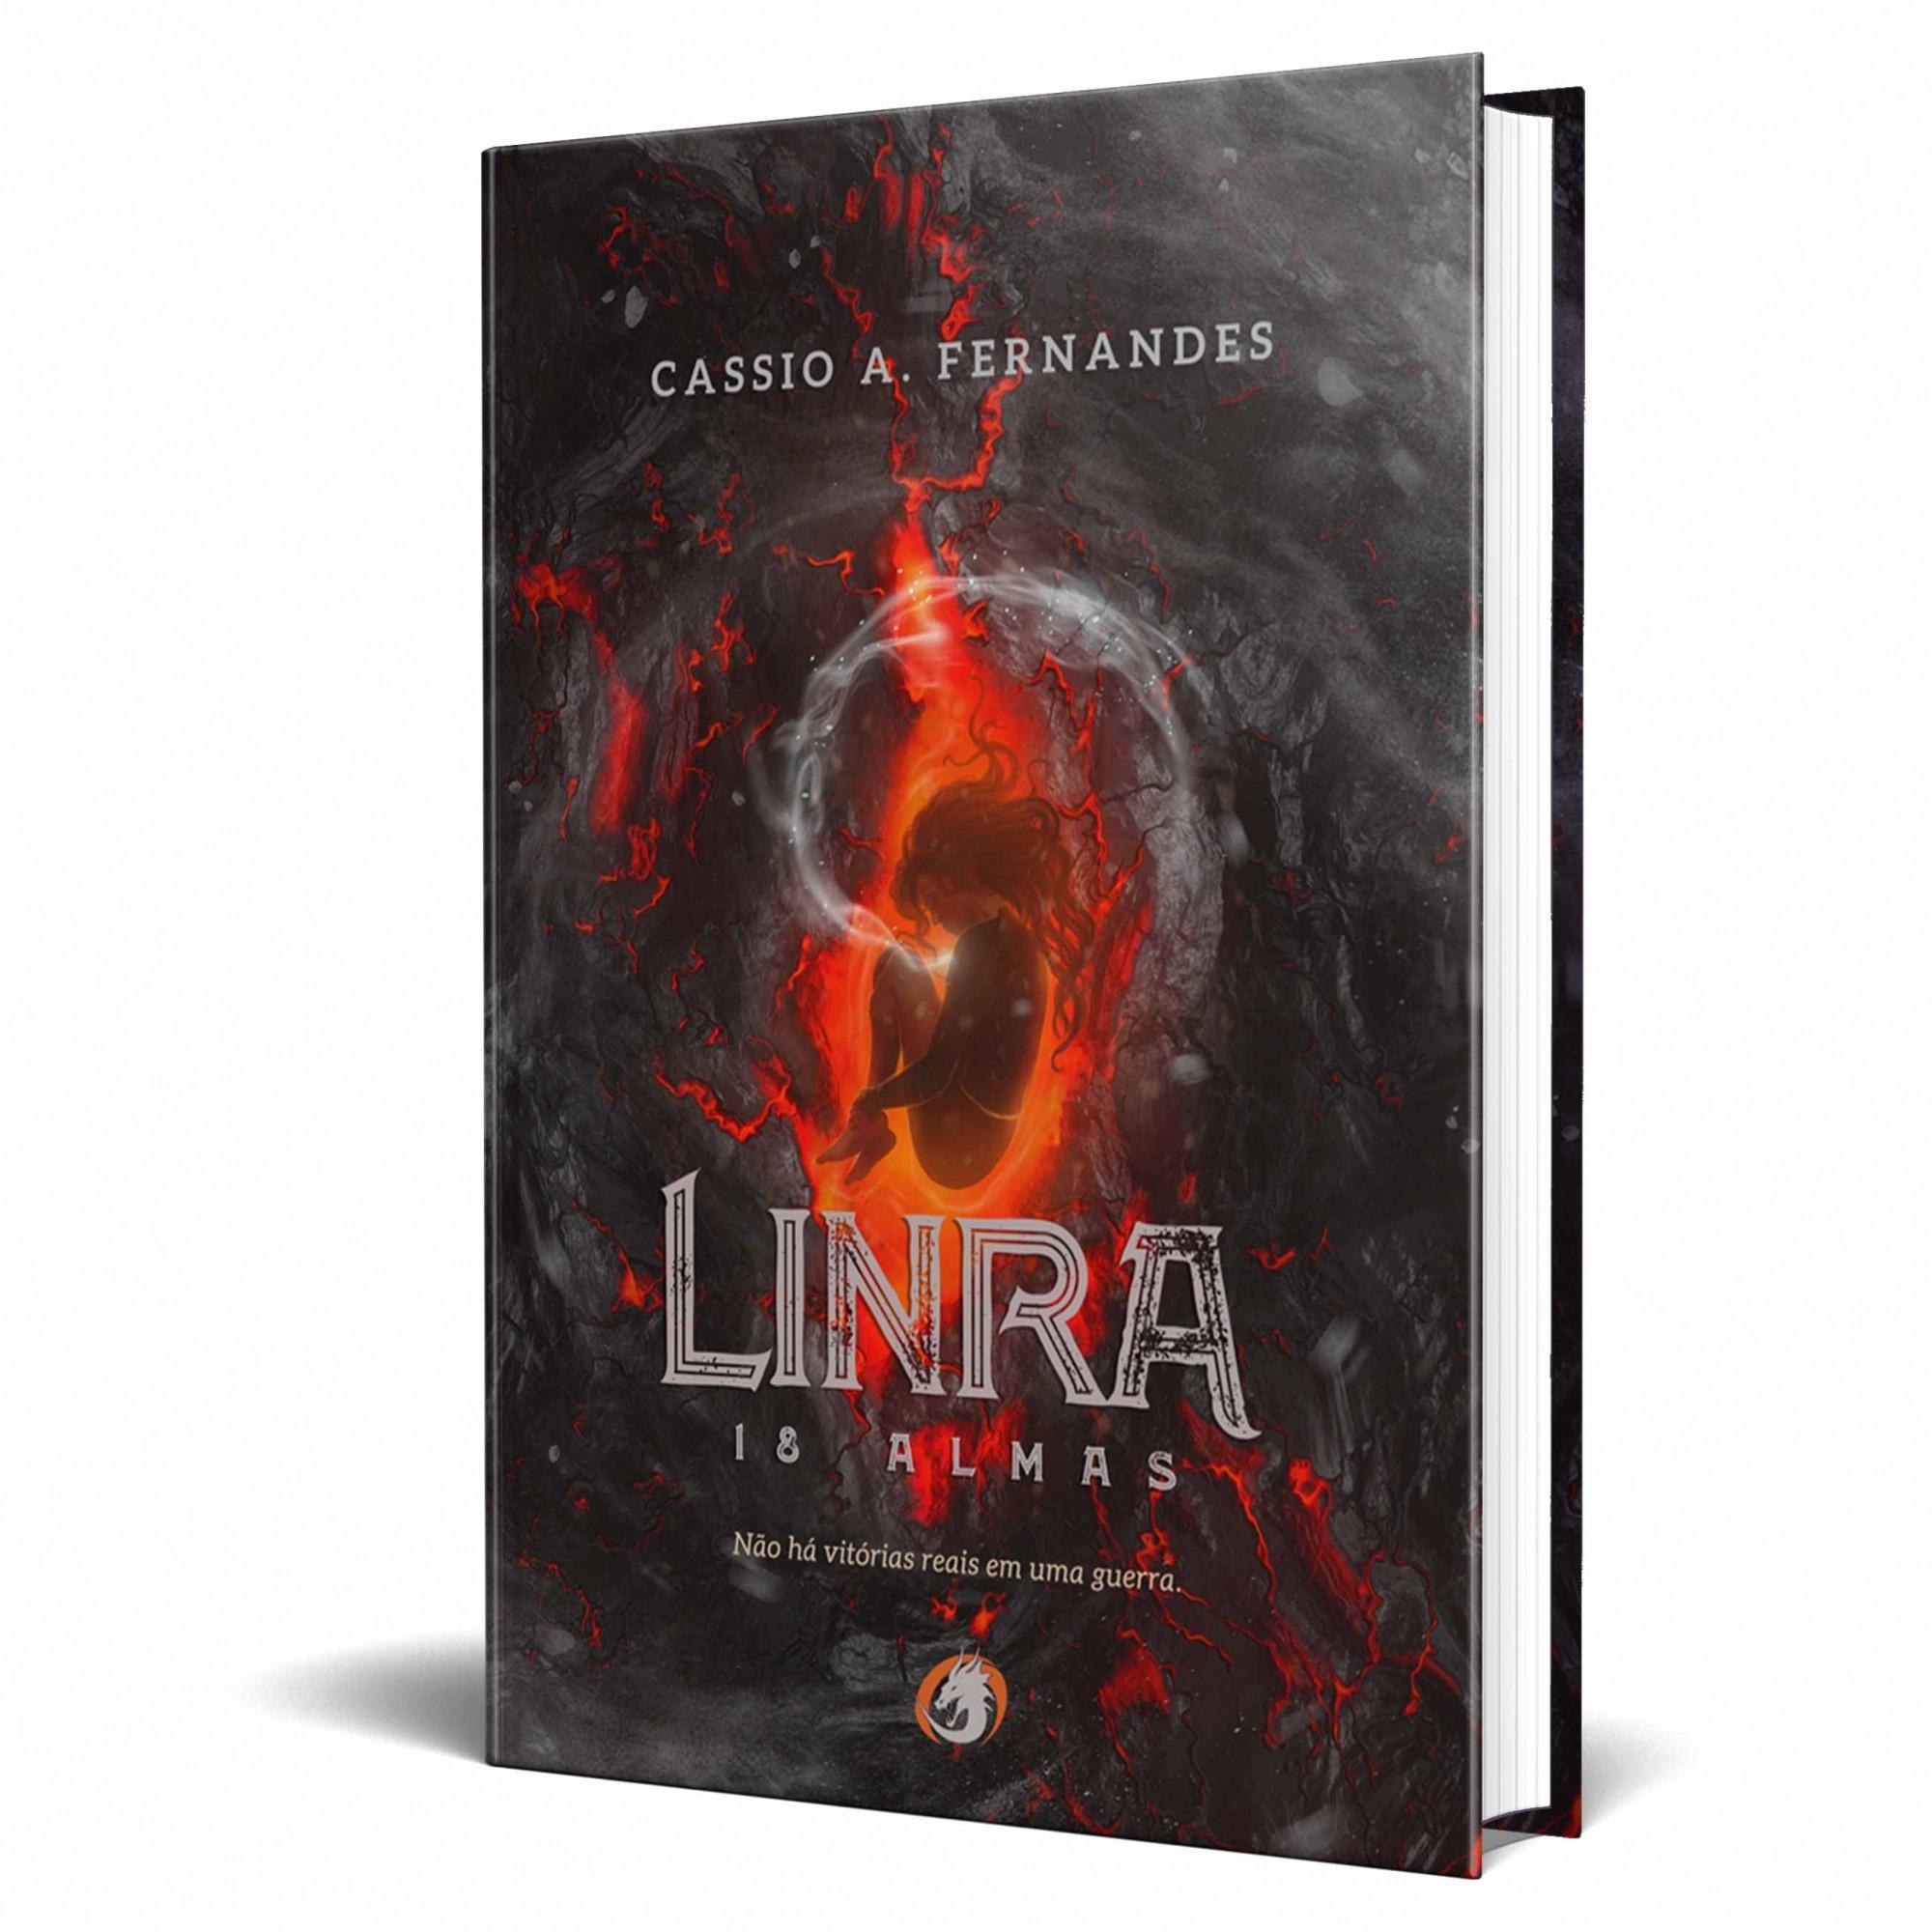 Livro Linra - 18 Almas